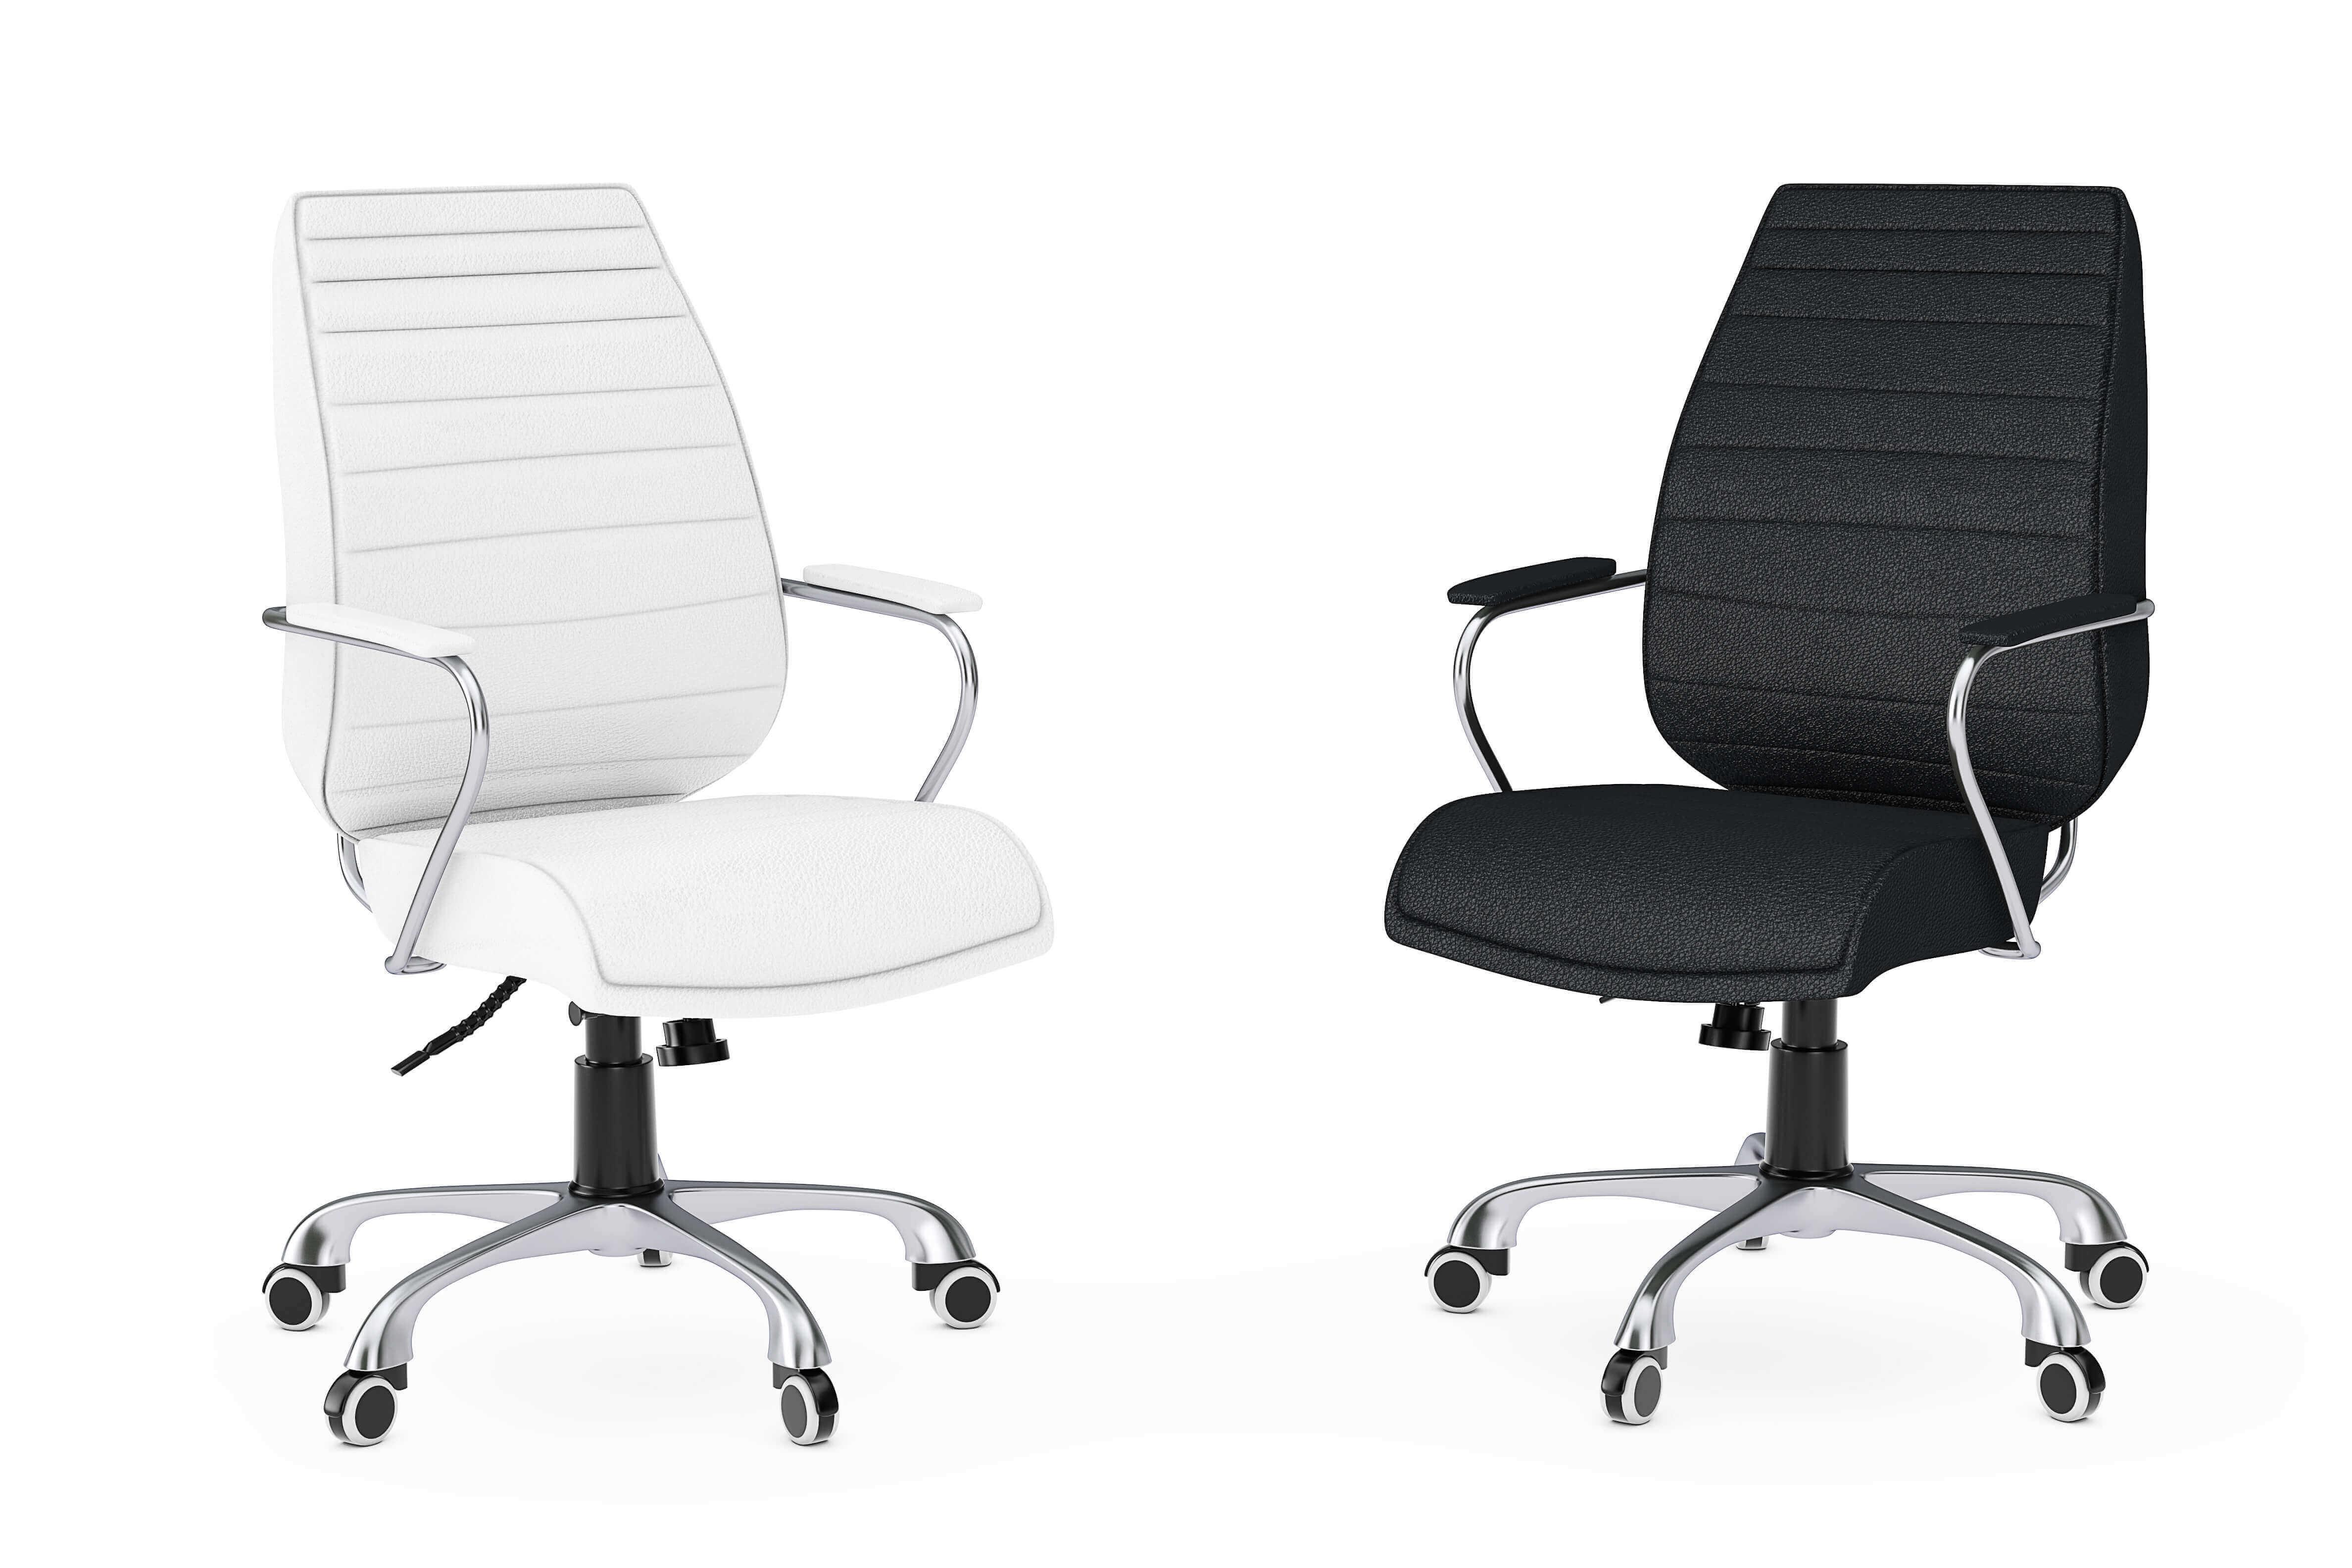 Hochwertige, ergonomische Bürostühle